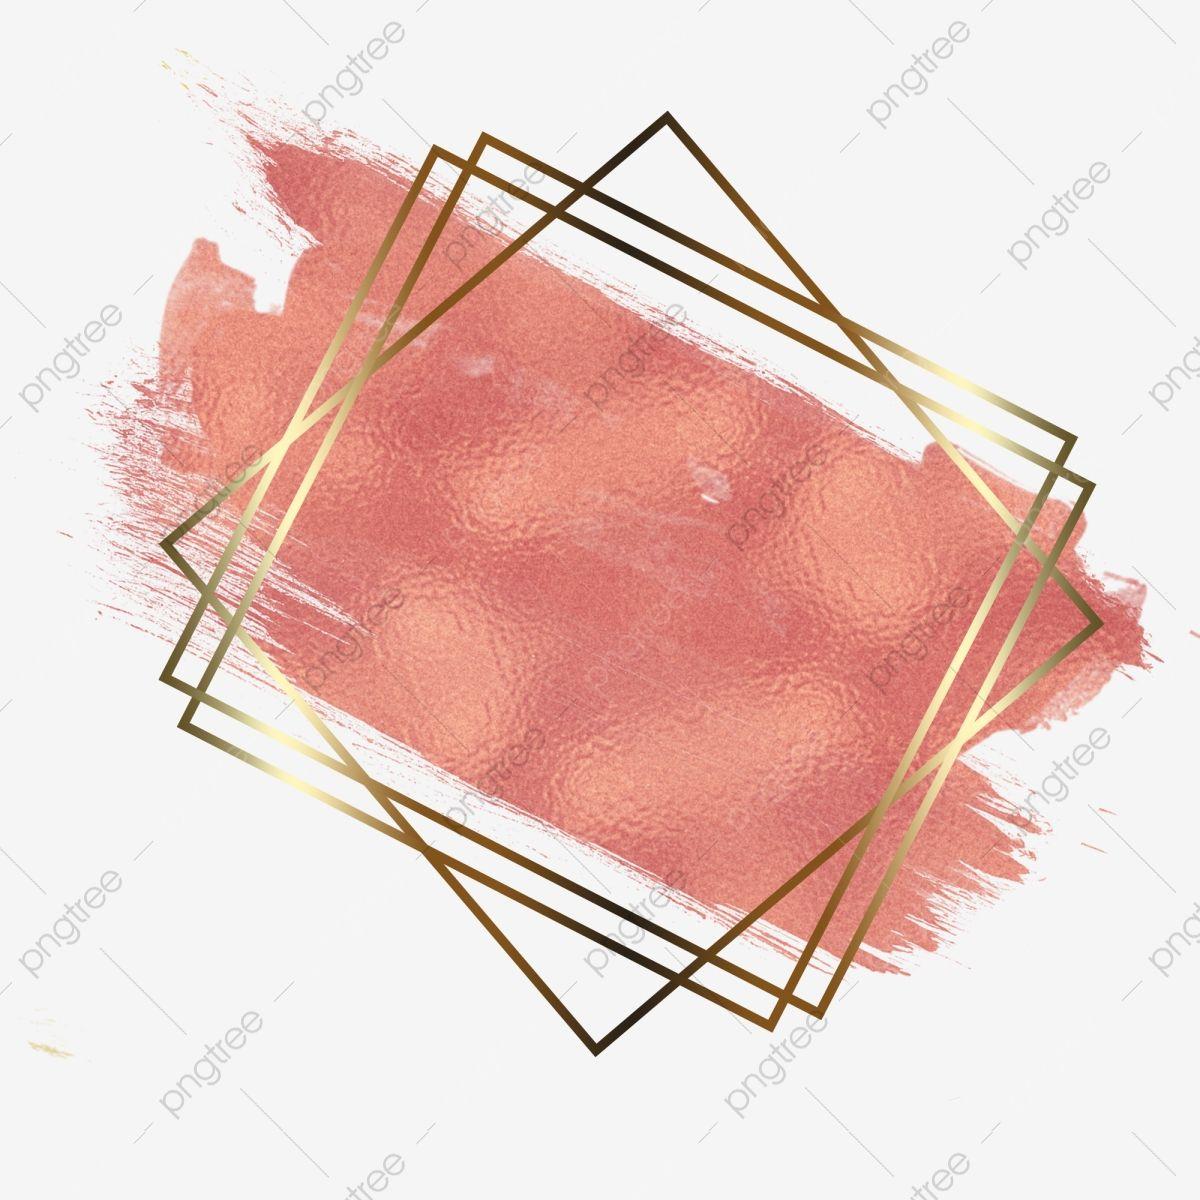 Moldura Elegante Png Ouro Quadro Armacao Imagem Png E Psd Para Download Gratuito Elegant Frame Logo Background Photo Frame Design